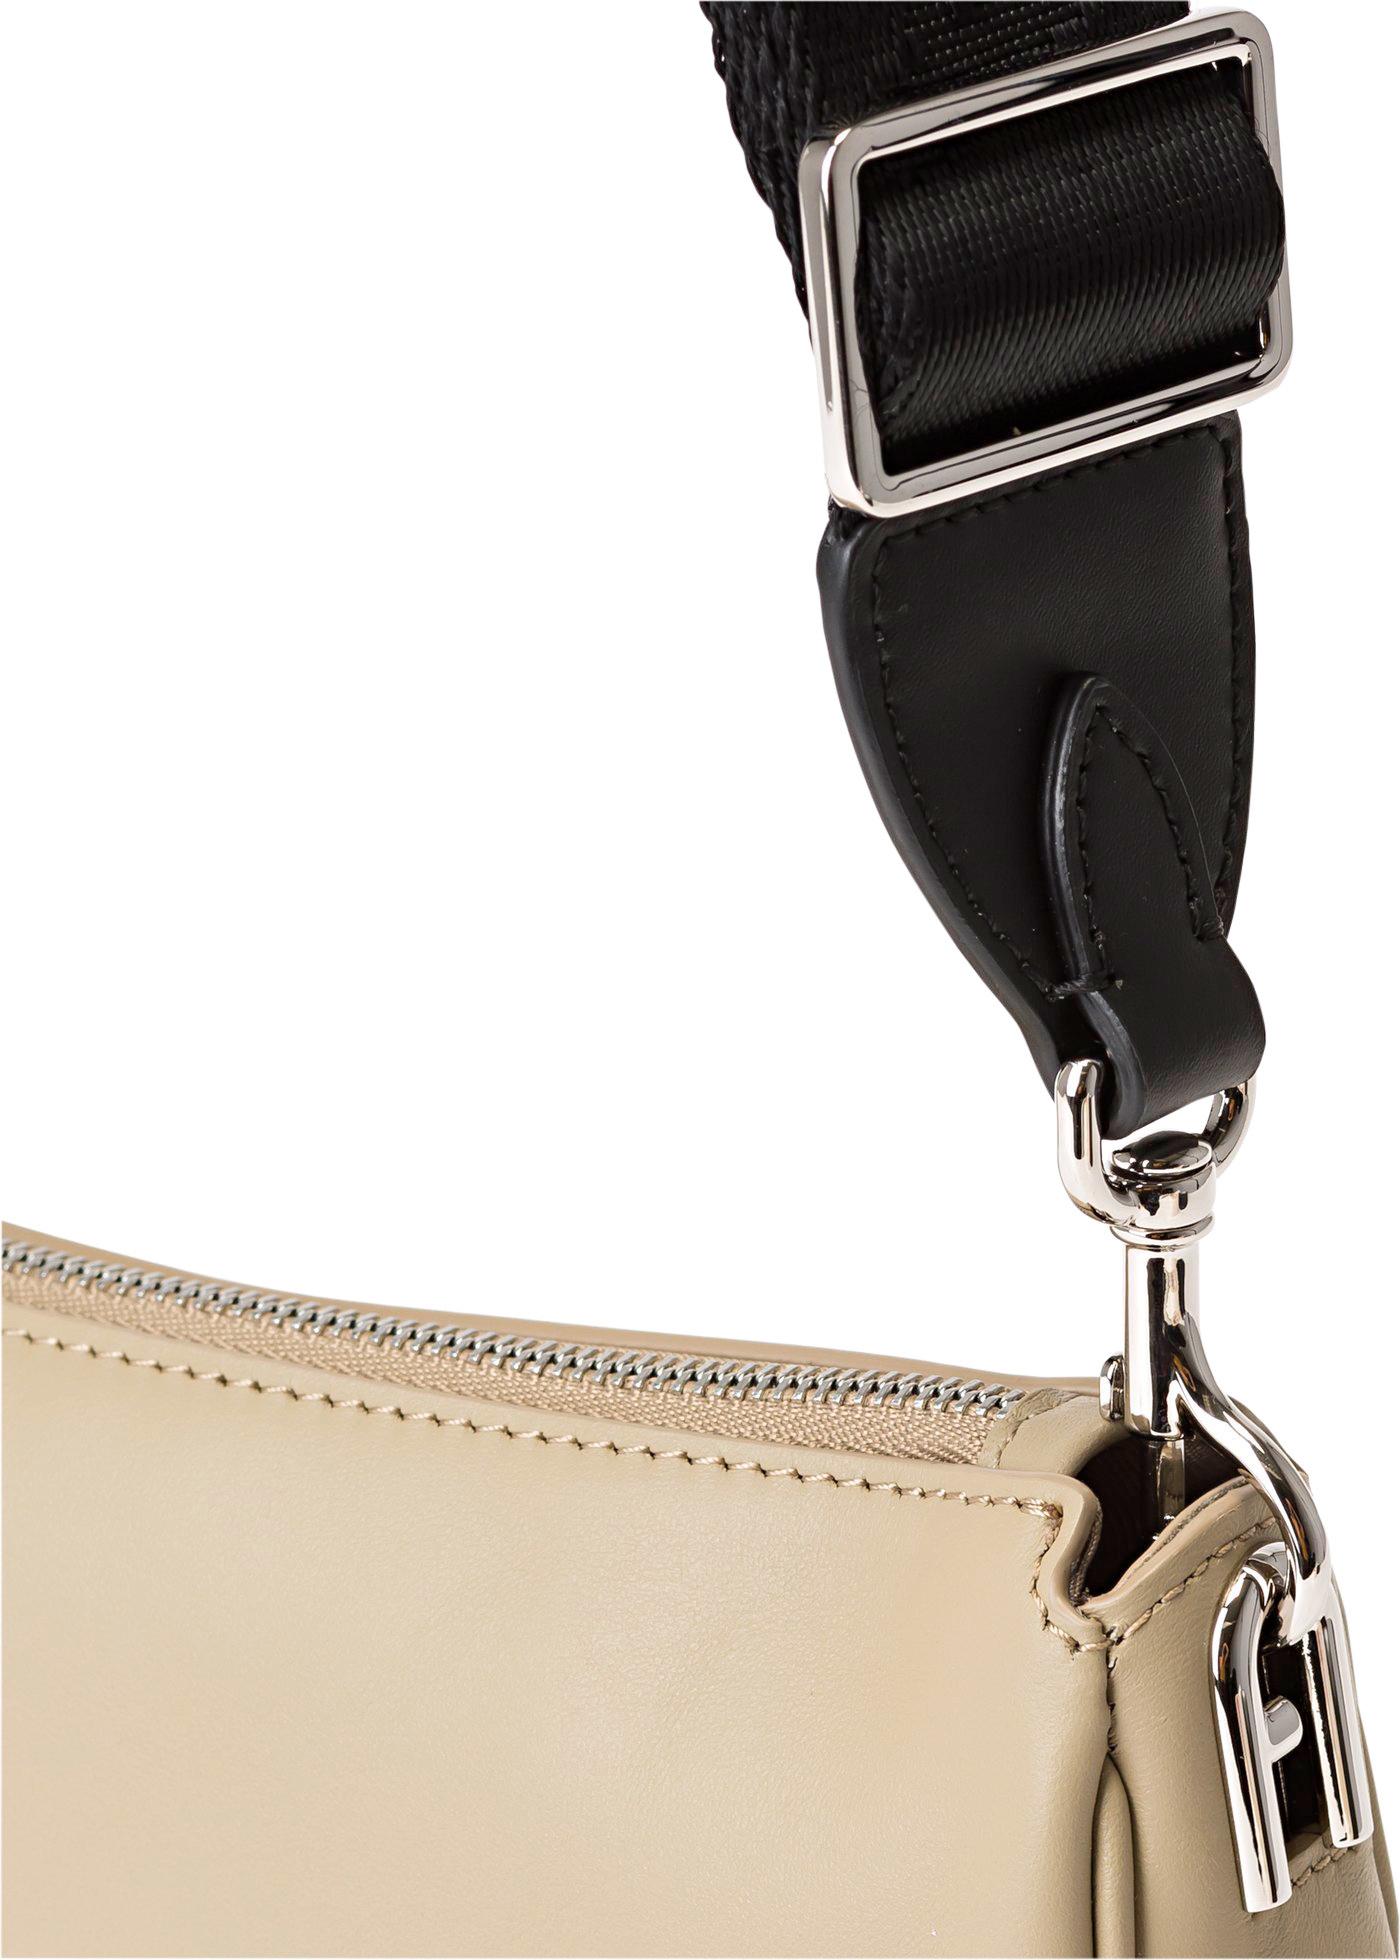 FURLA MOON S SHOULDER BAG image number 2